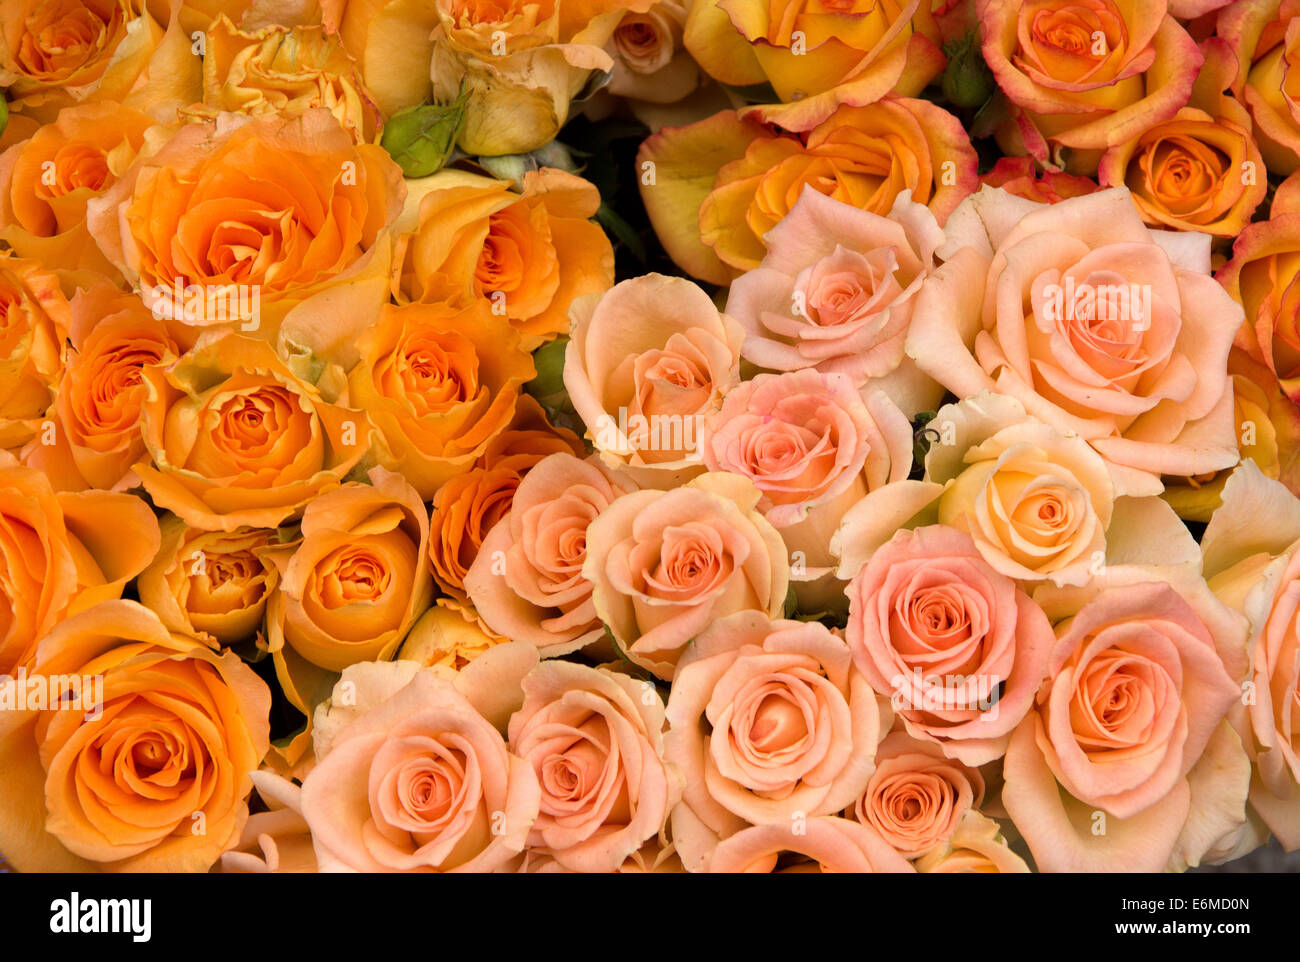 Groupe de roses orange et rose Photo Stock